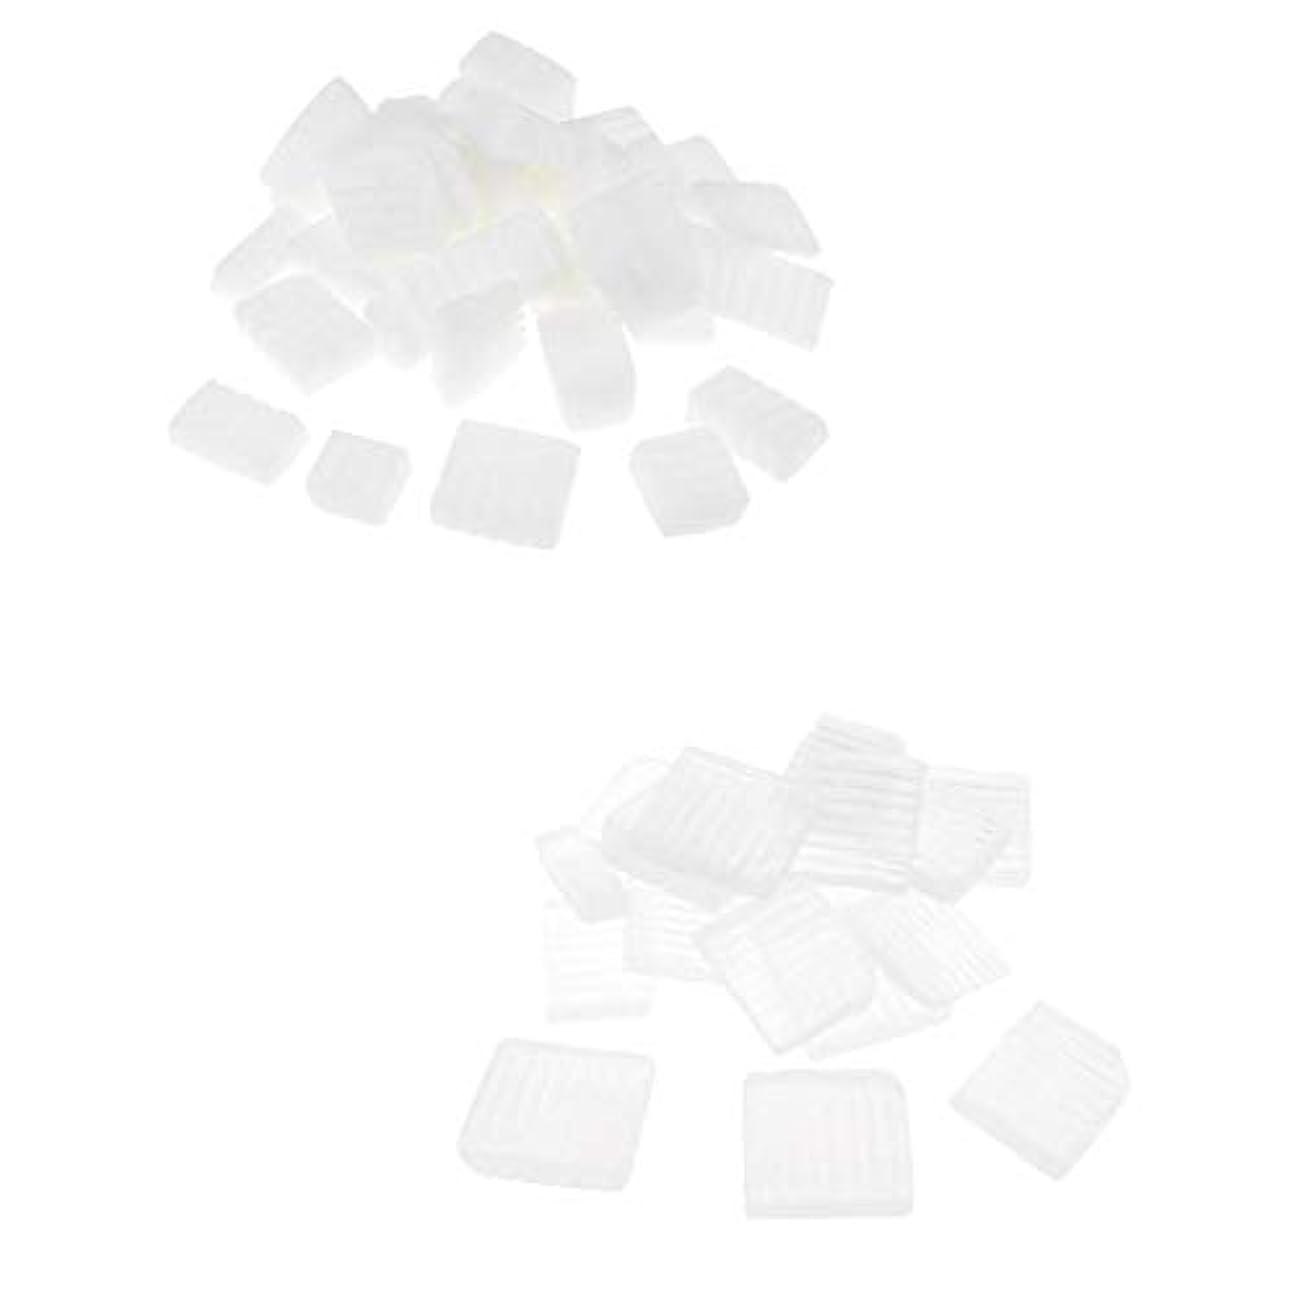 ワンダー豚肉浸すFLAMEER 固形せっけん 石鹸ベース 2KG ホワイトクリア DIY製造 工芸品 ハンドメイド 石鹸原料 耐久性